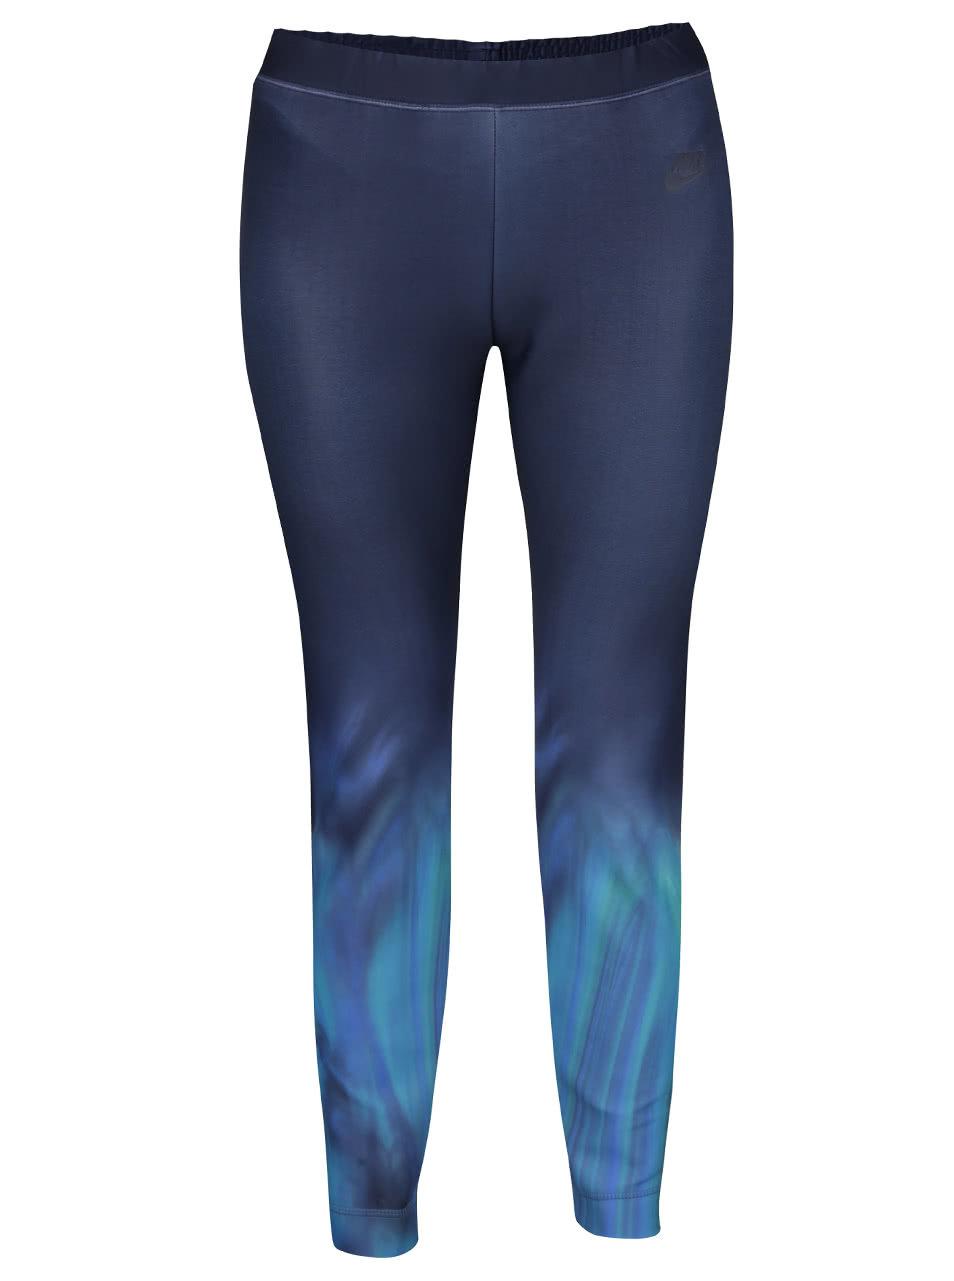 4a27ae20e7d Modré dámské legíny Nike Sportswear ...